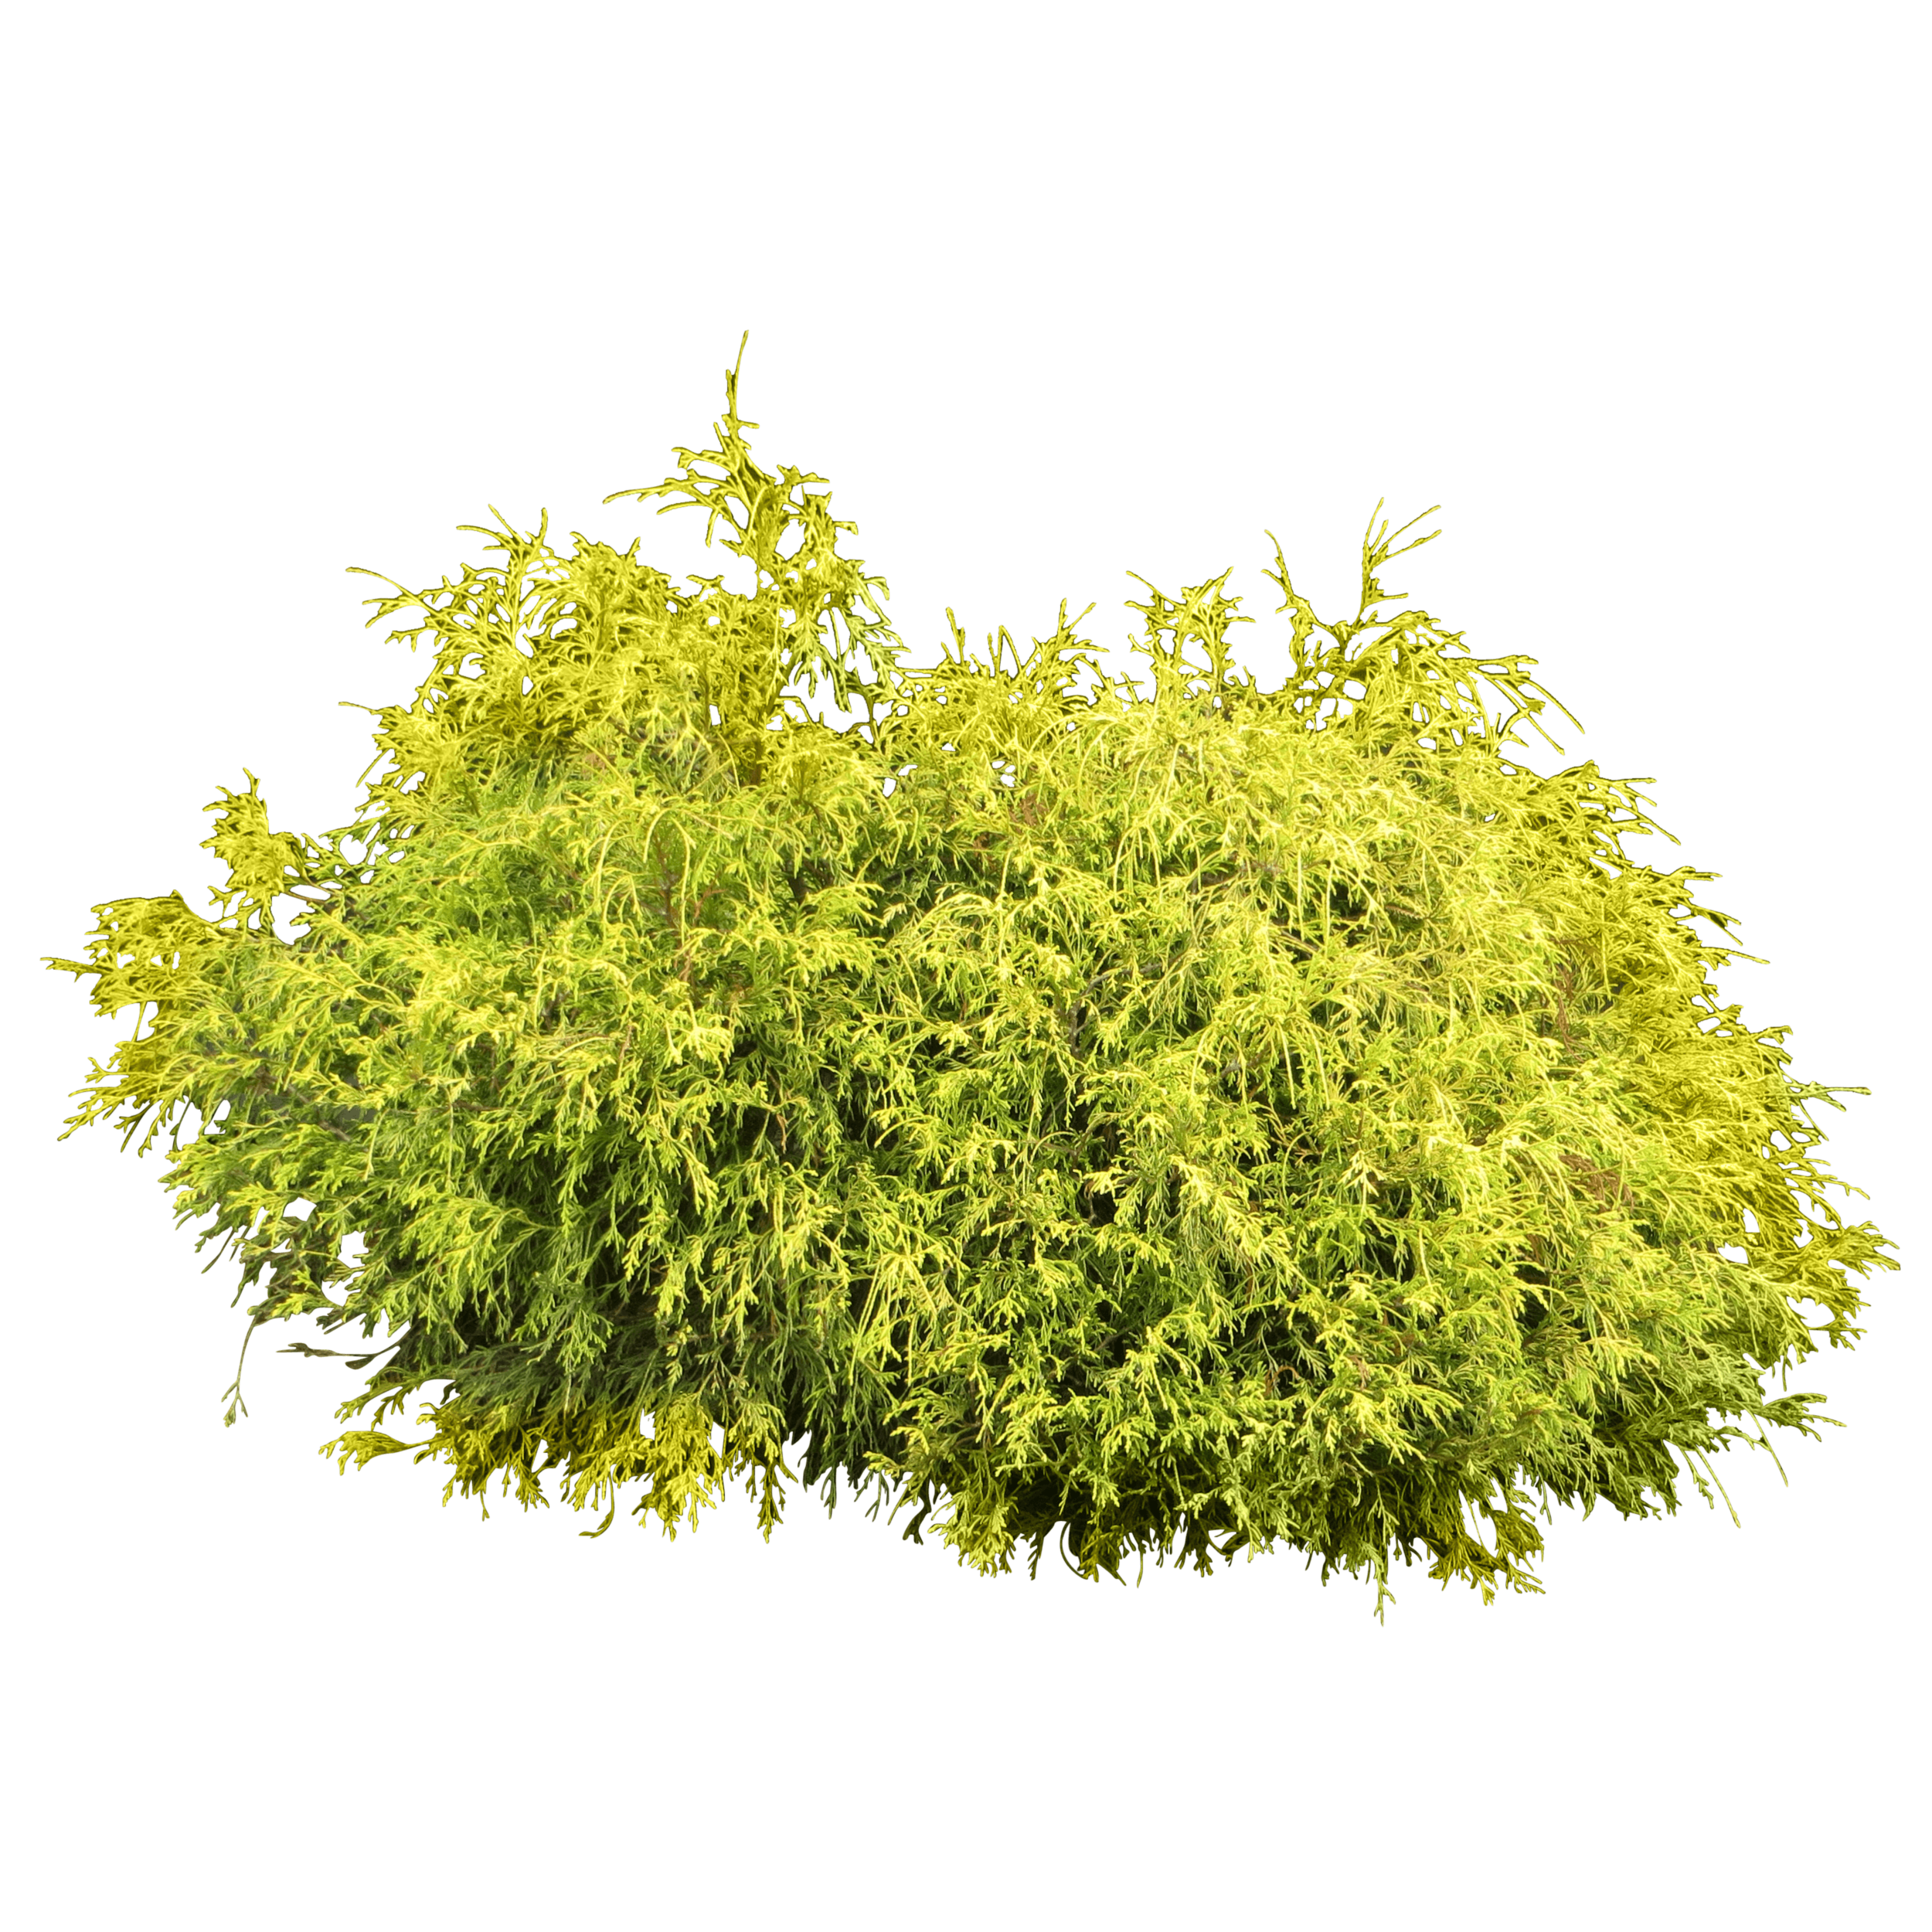 shrub2.png